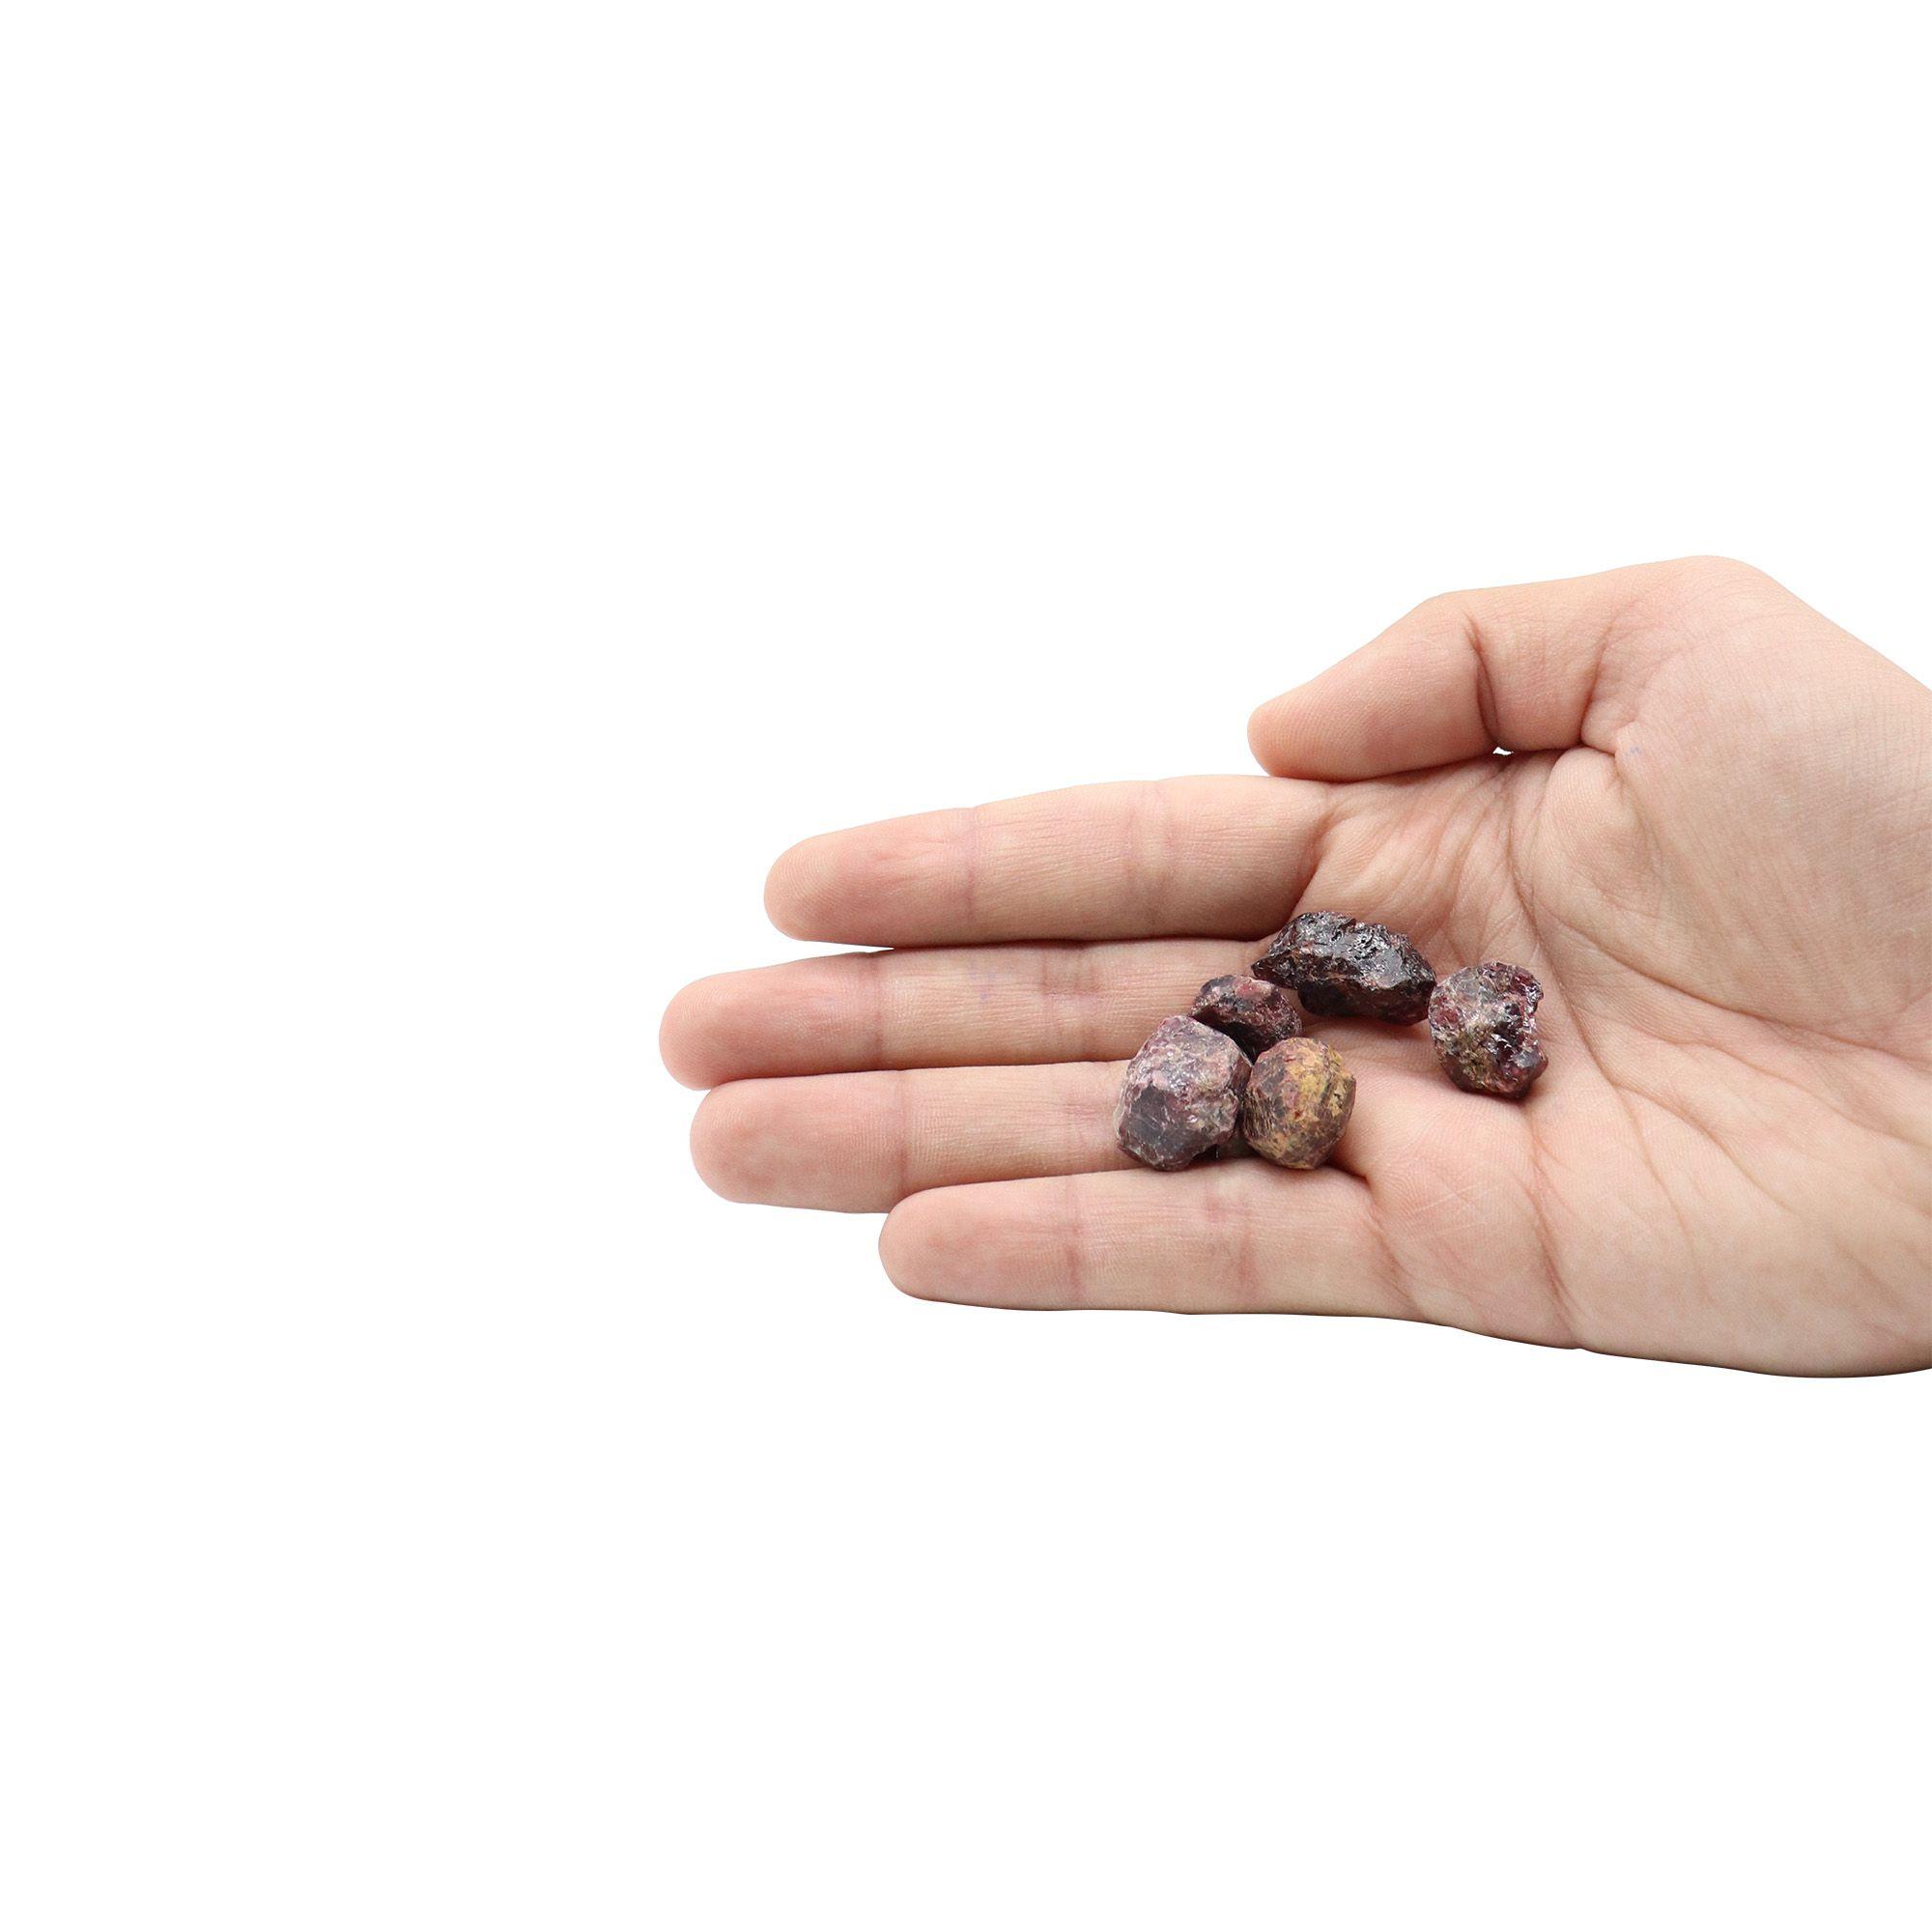 Kit com 5 pedras Granada natural ~ 7 à 25g